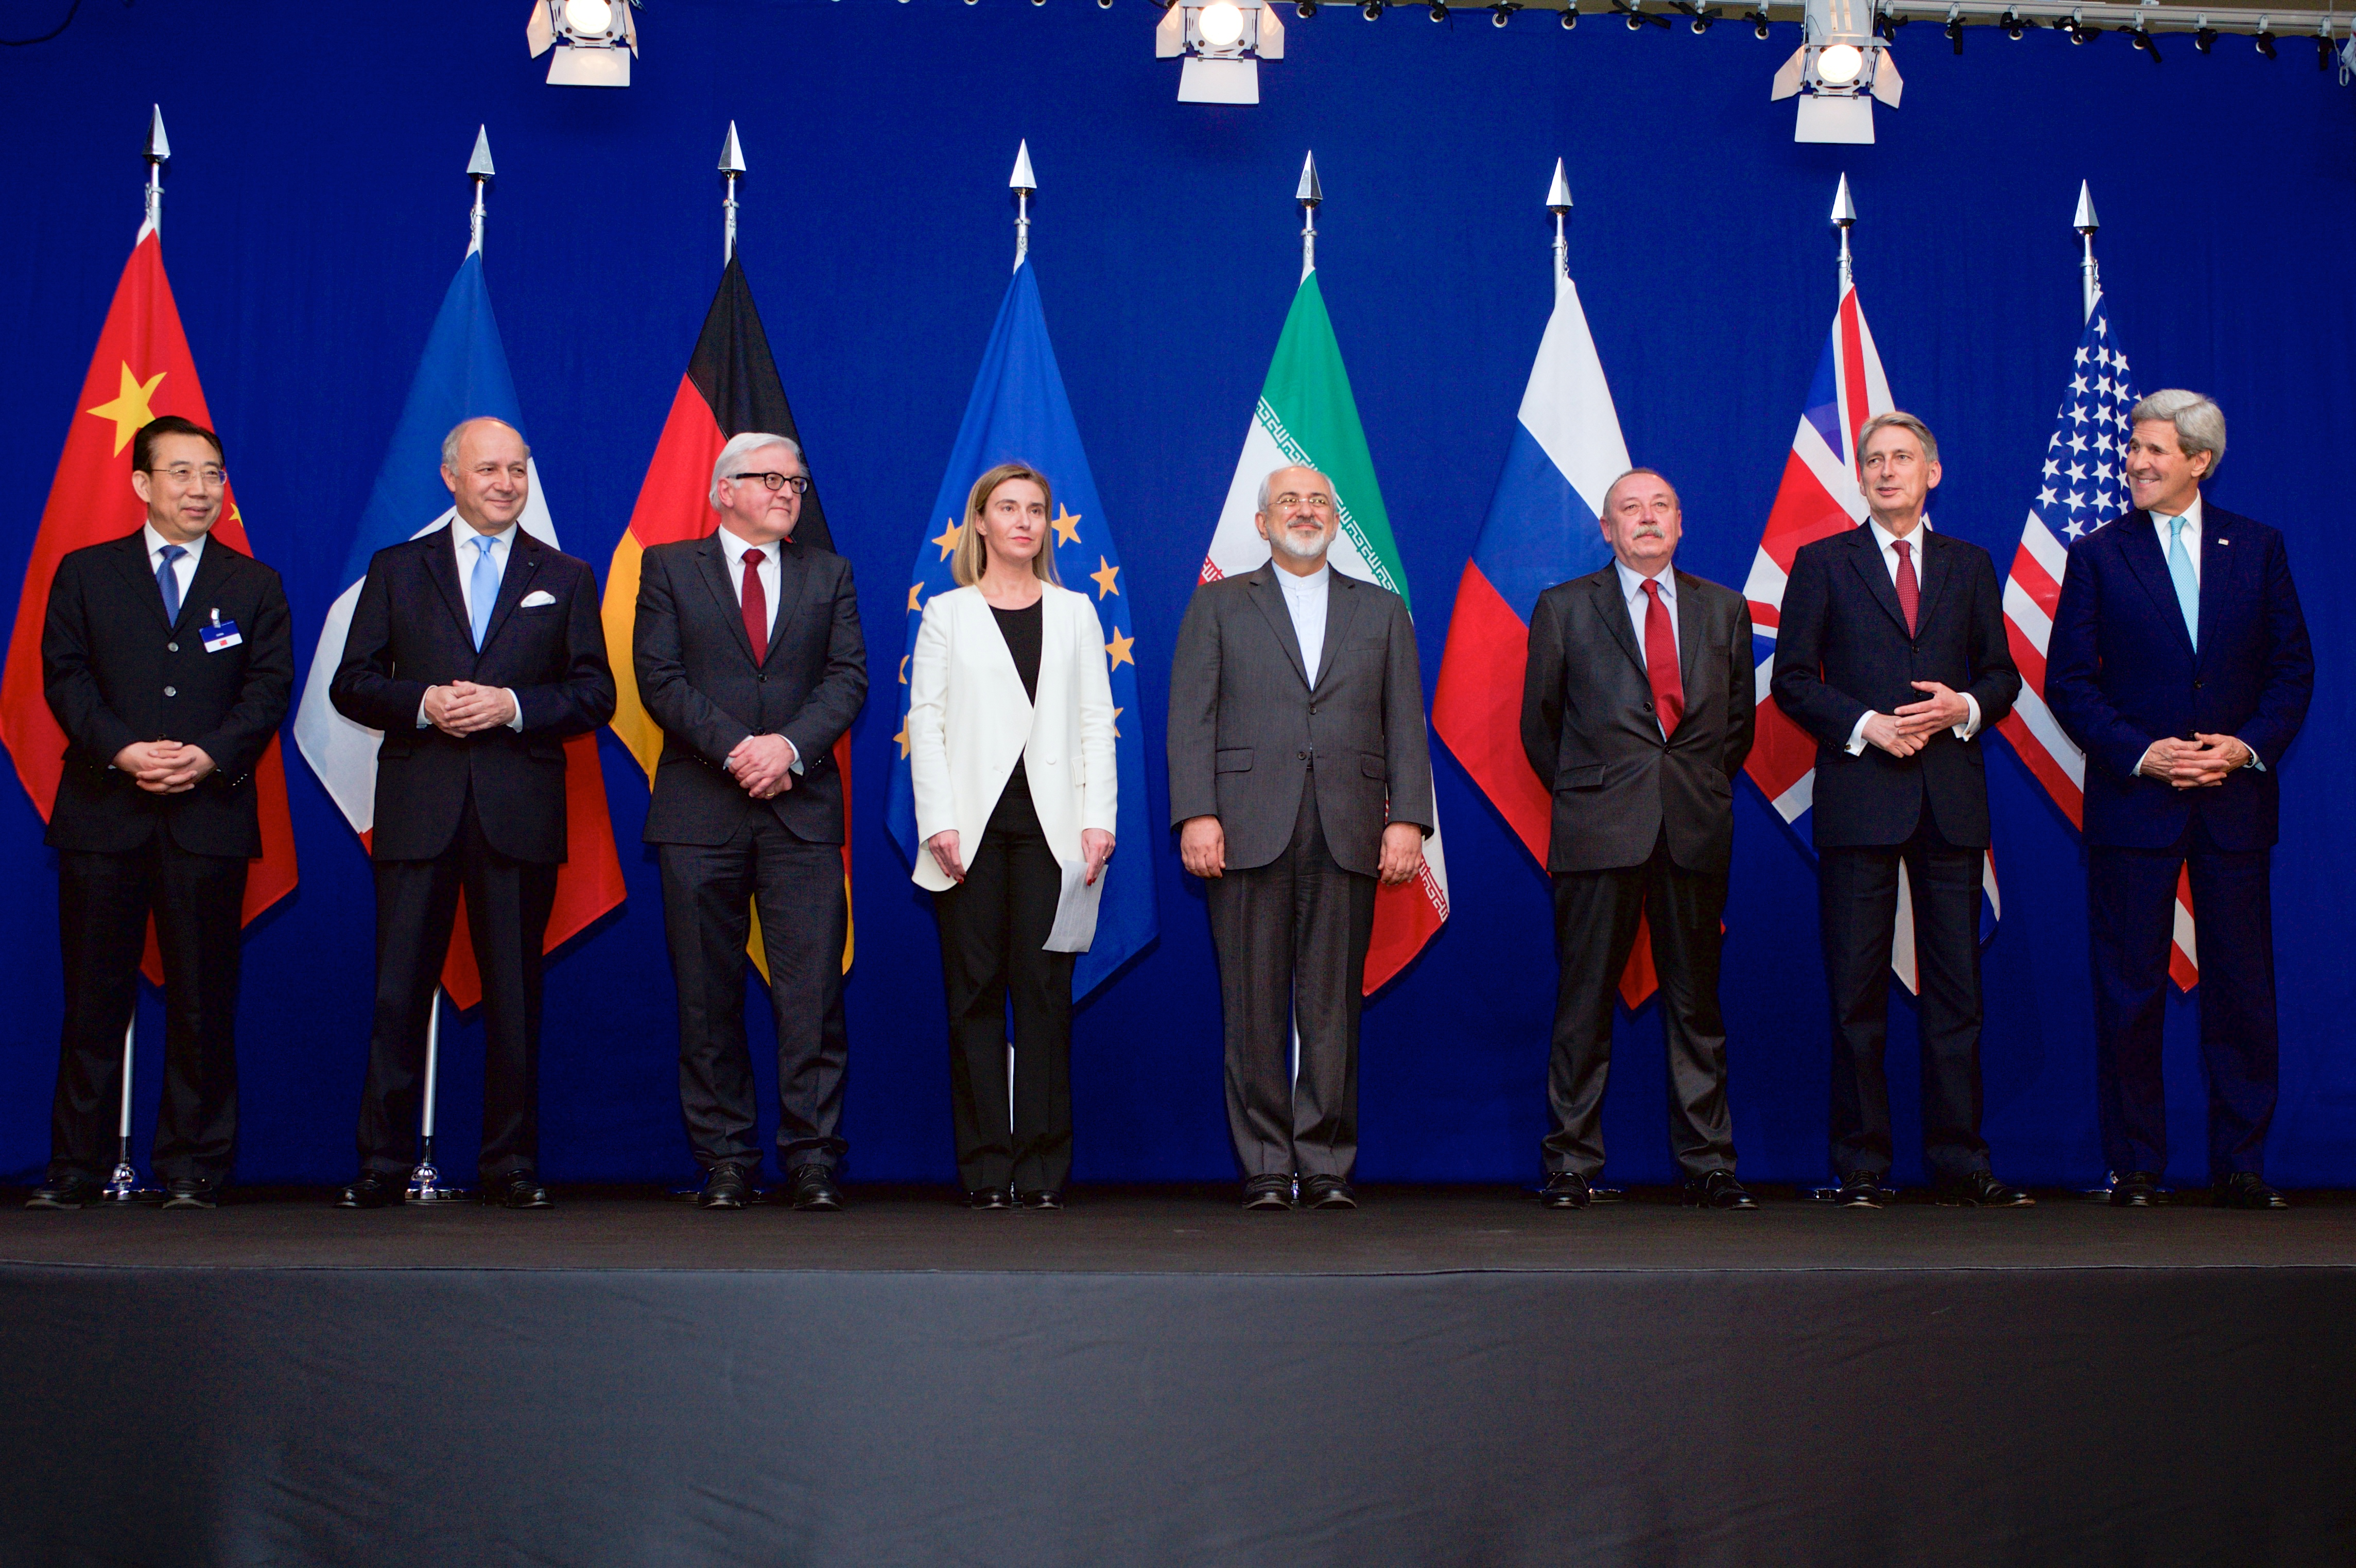 سويسرا ترفع العقوبات عن ايران